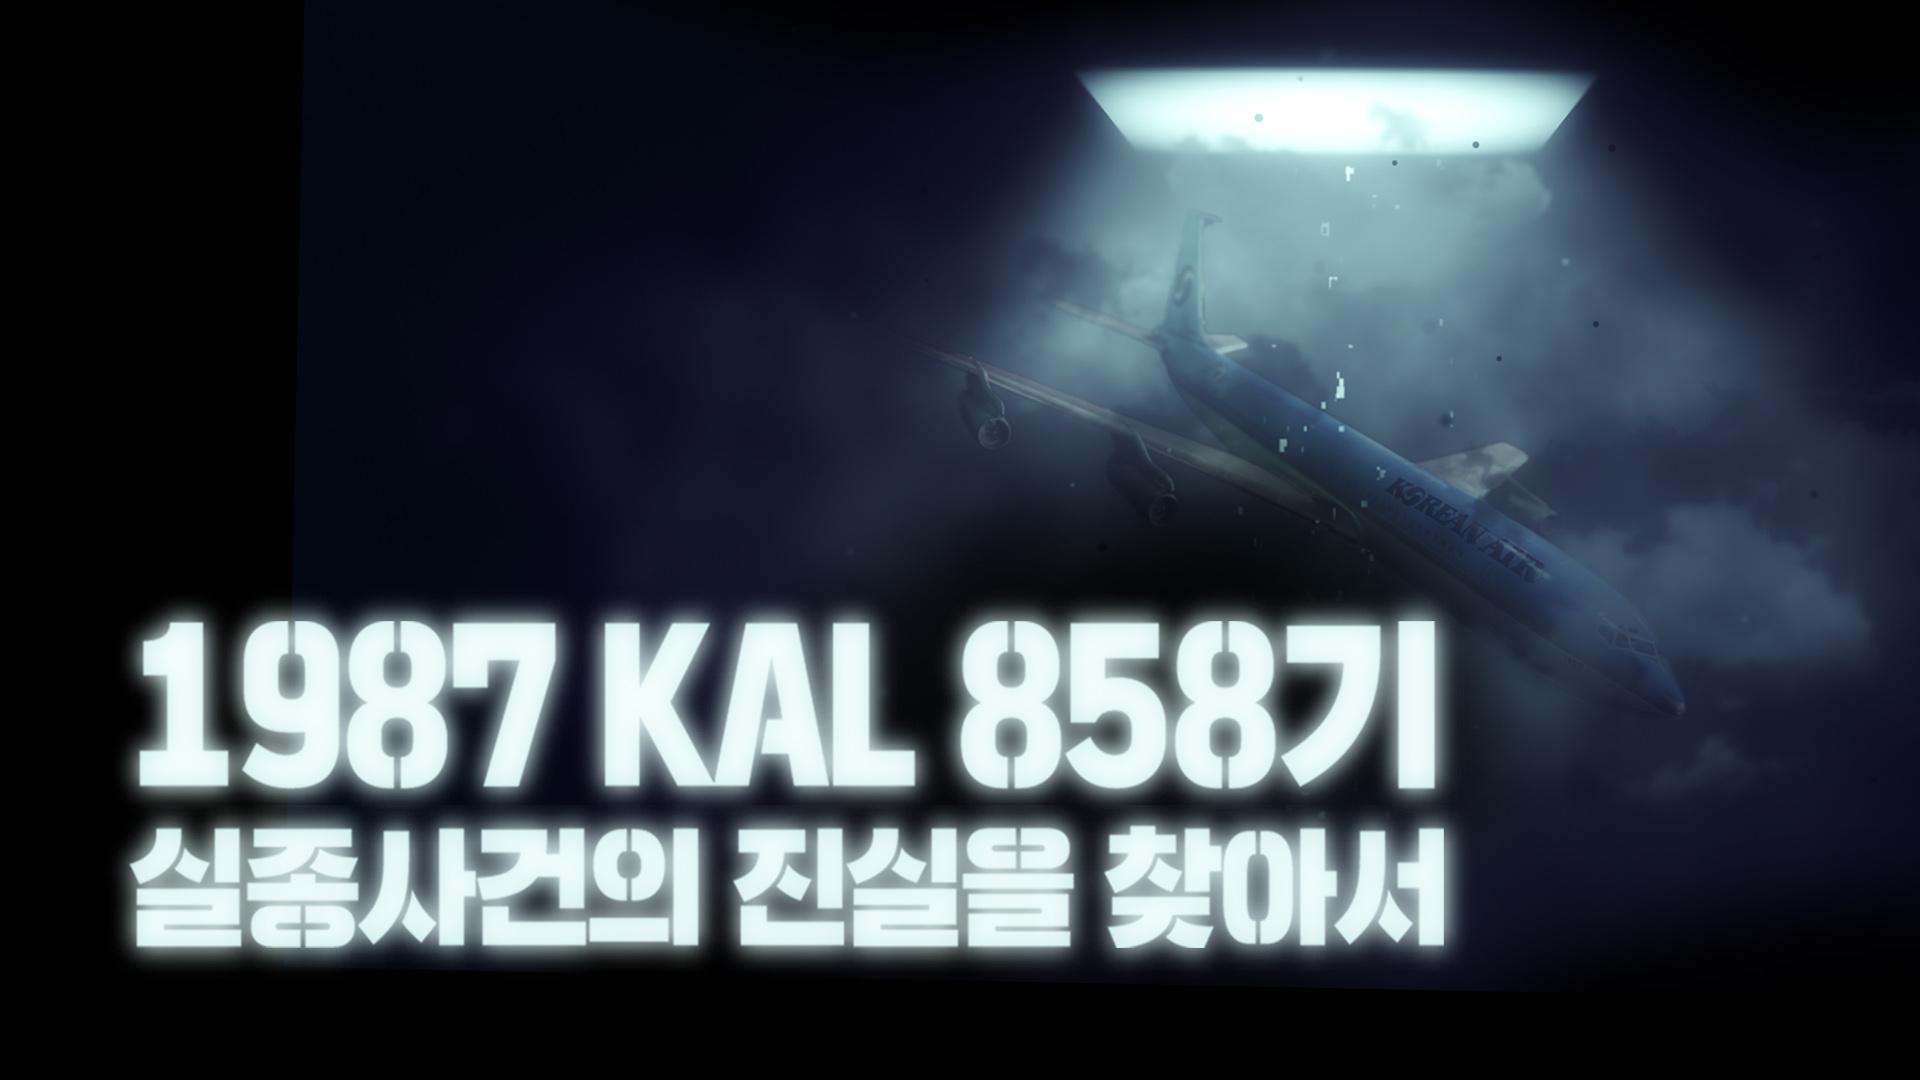 KAL858기 실종사건의 진실을 찾아서